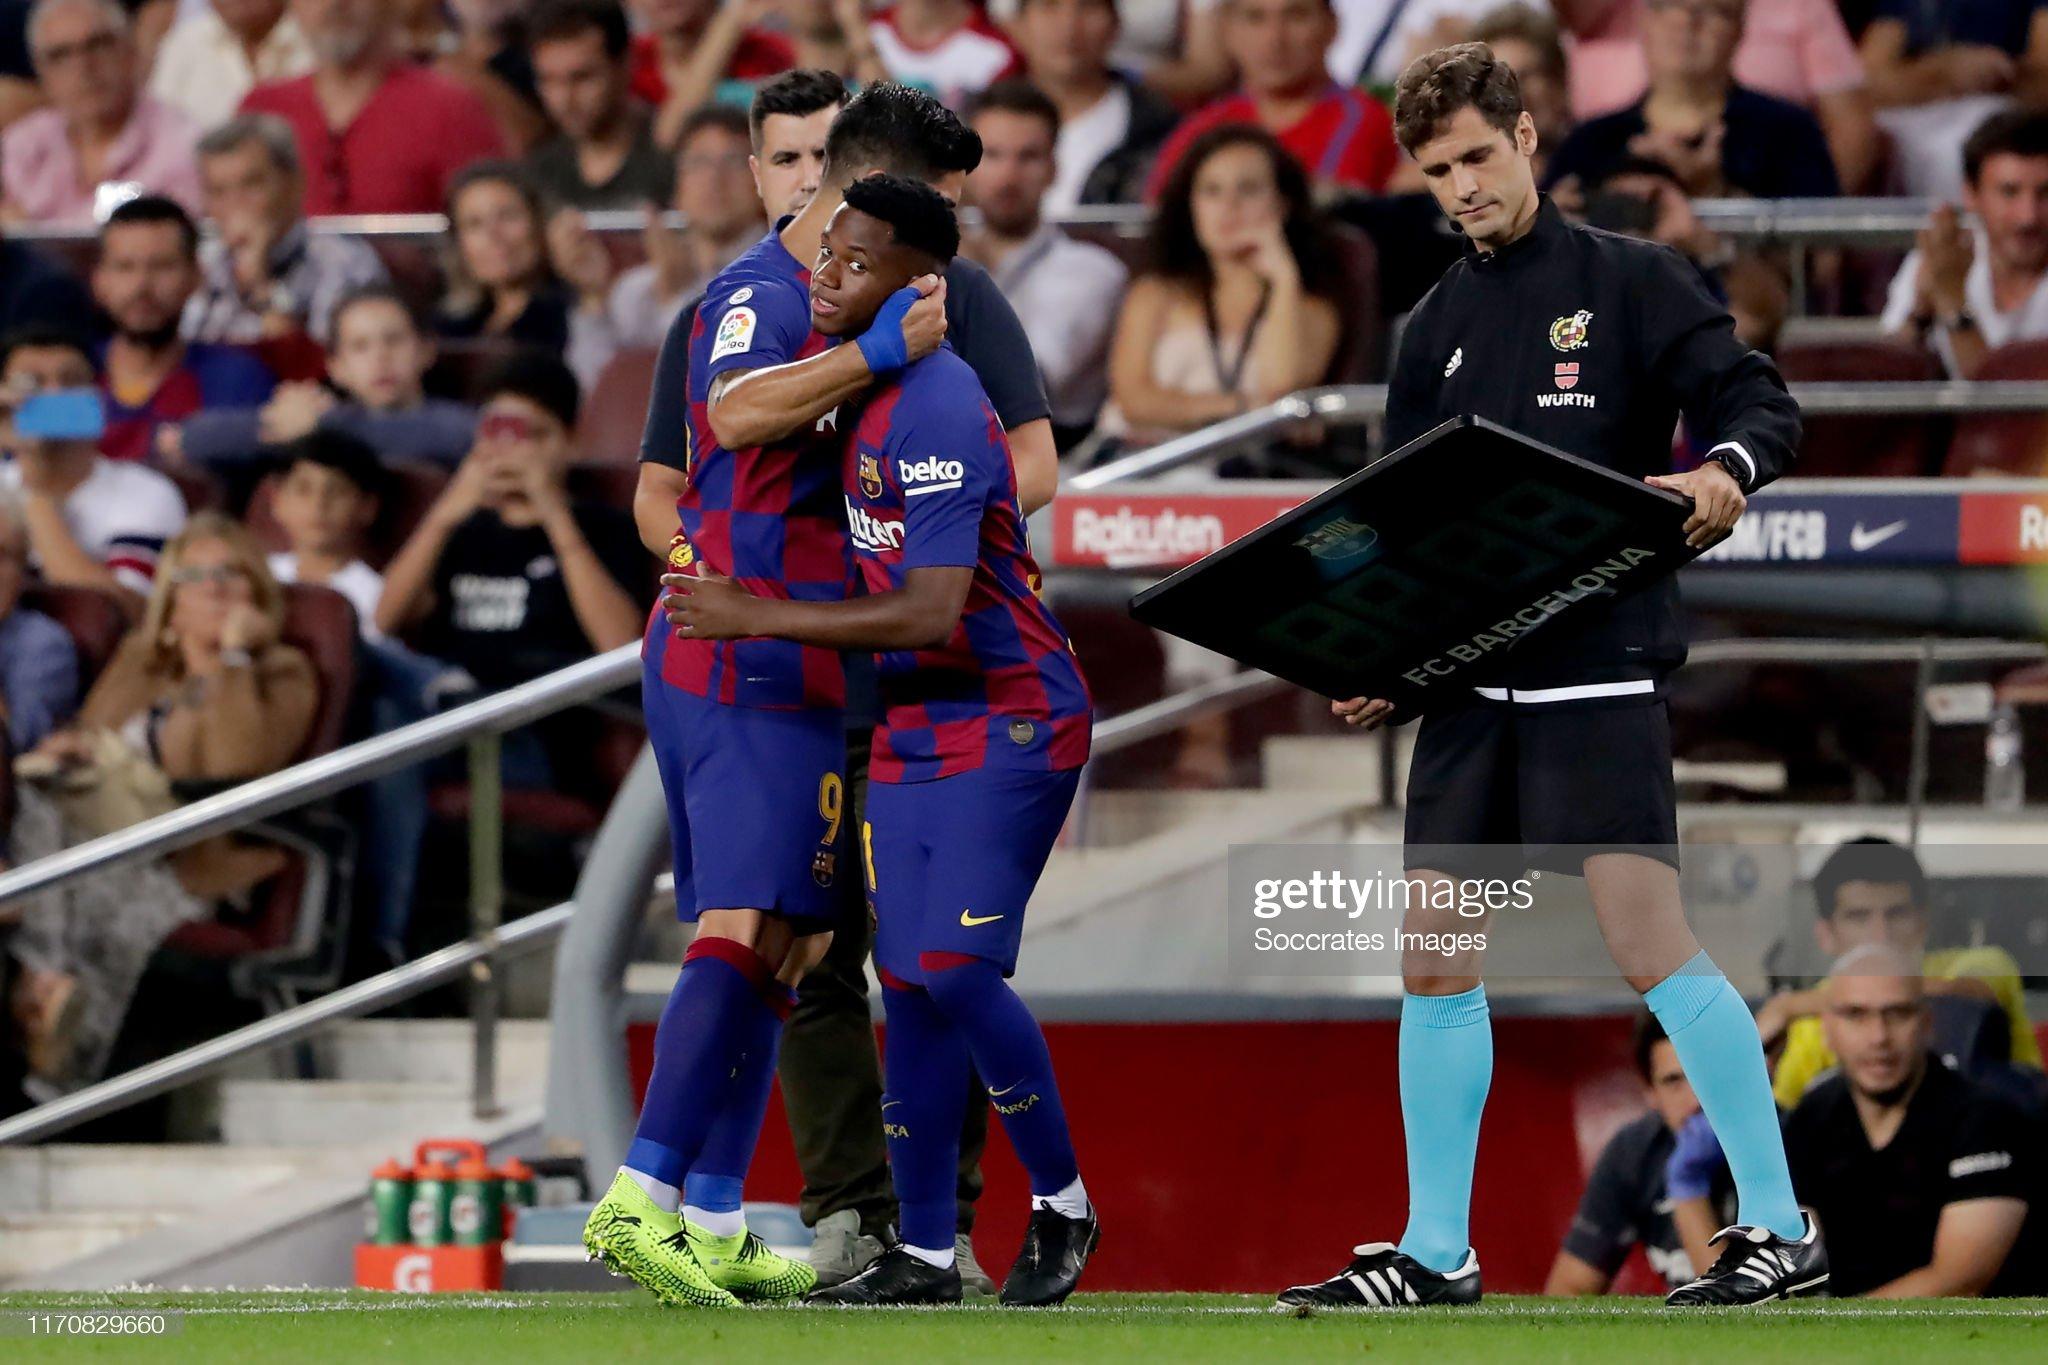 صور مباراة : برشلونة - فياريال 2-1 ( 24-09-2019 )  Luis-suarez-of-fc-barcelona-ansu-fati-of-fc-barcelona-during-the-la-picture-id1170829660?s=2048x2048